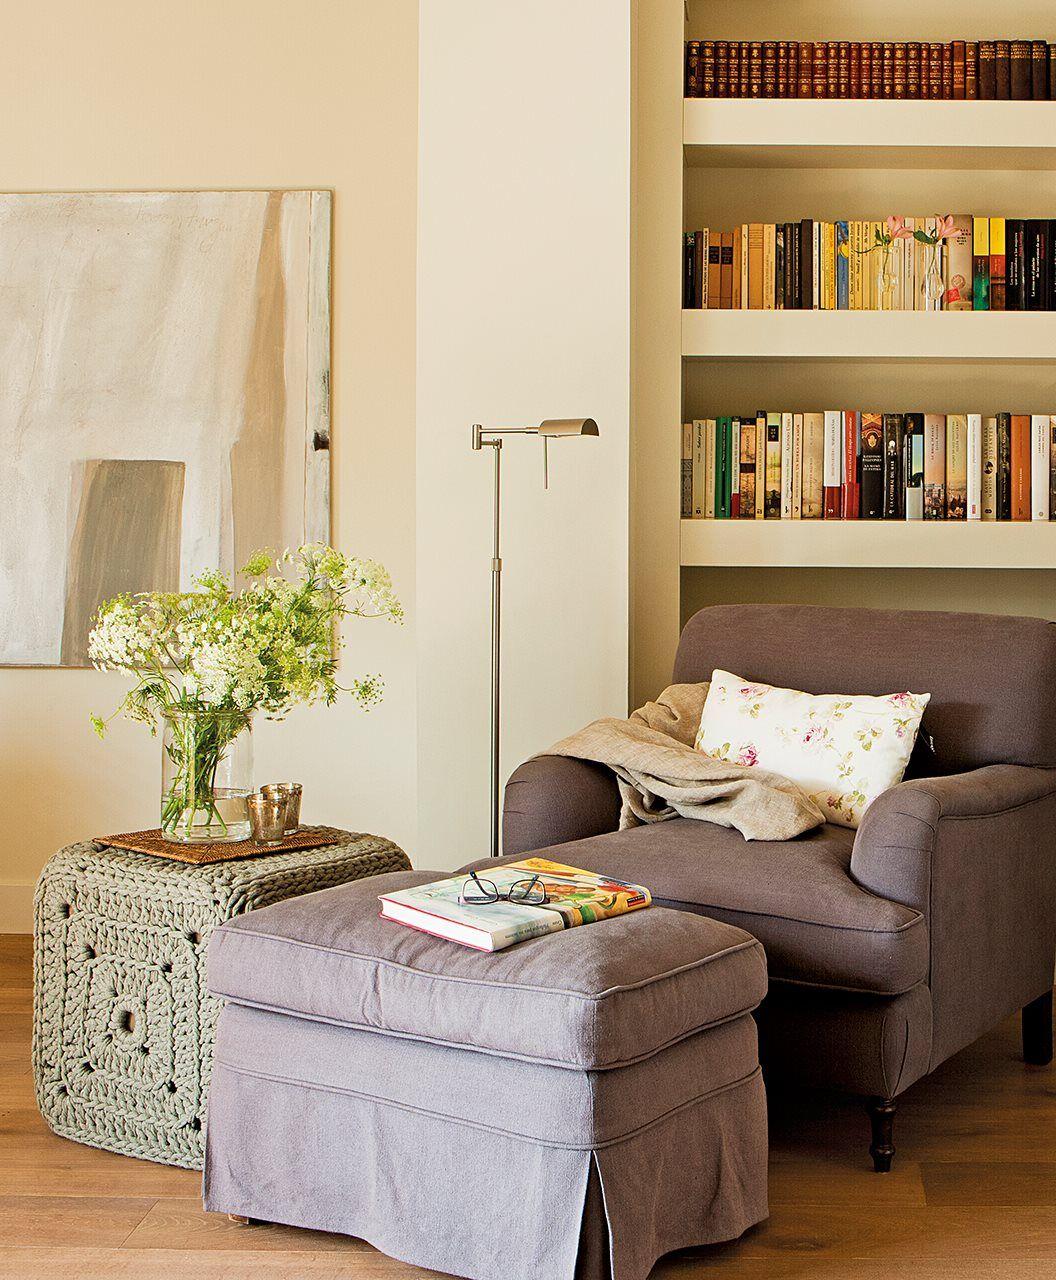 Oto o redecora tu casa y gana calidez decoraci n de - Escuela decoracion de interiores ...